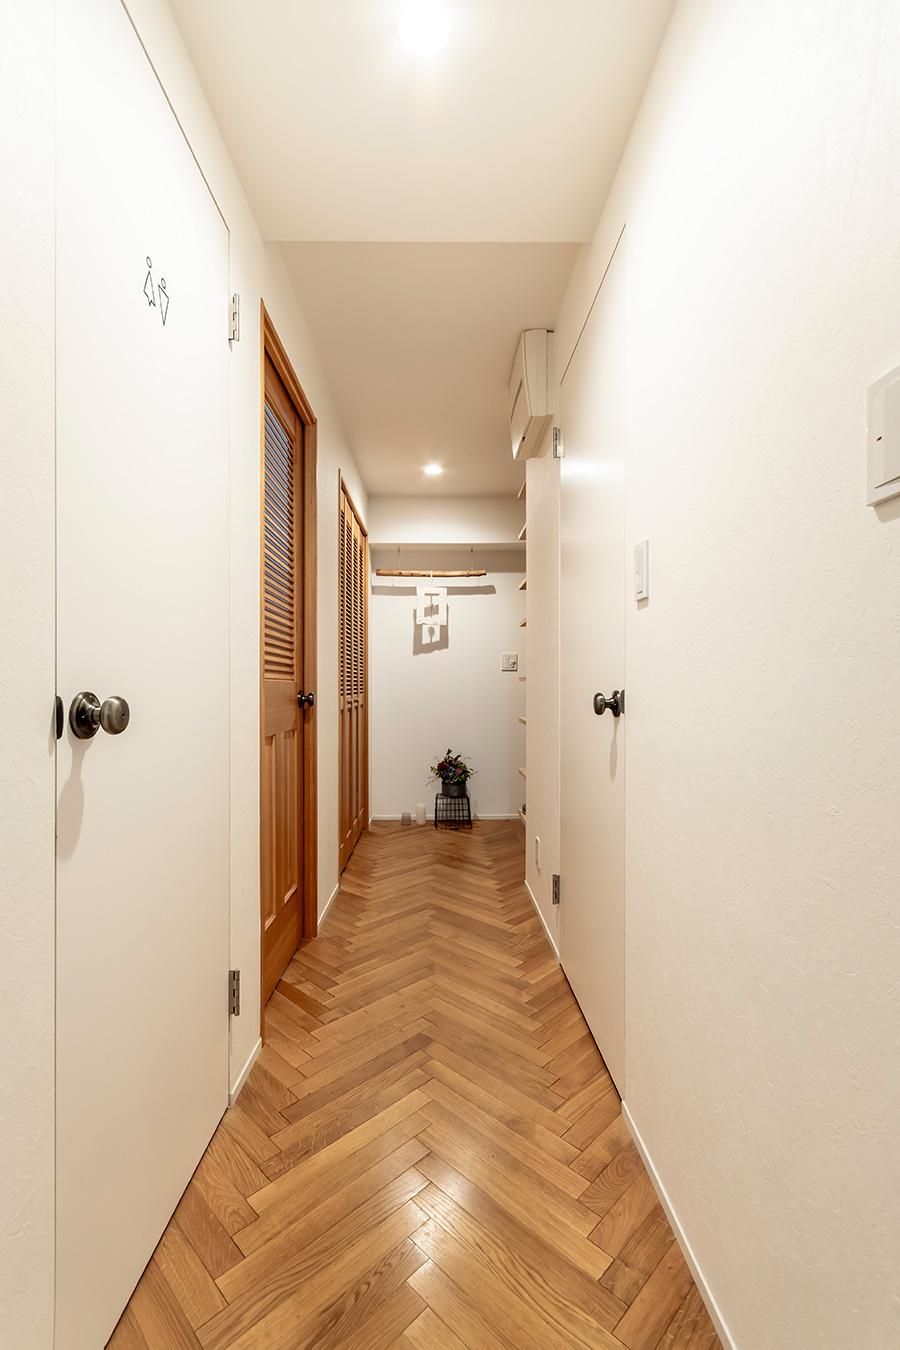 ヘリンボーン張りの廊下。ドアはすべて付け替え、ドアノブもセレクト。